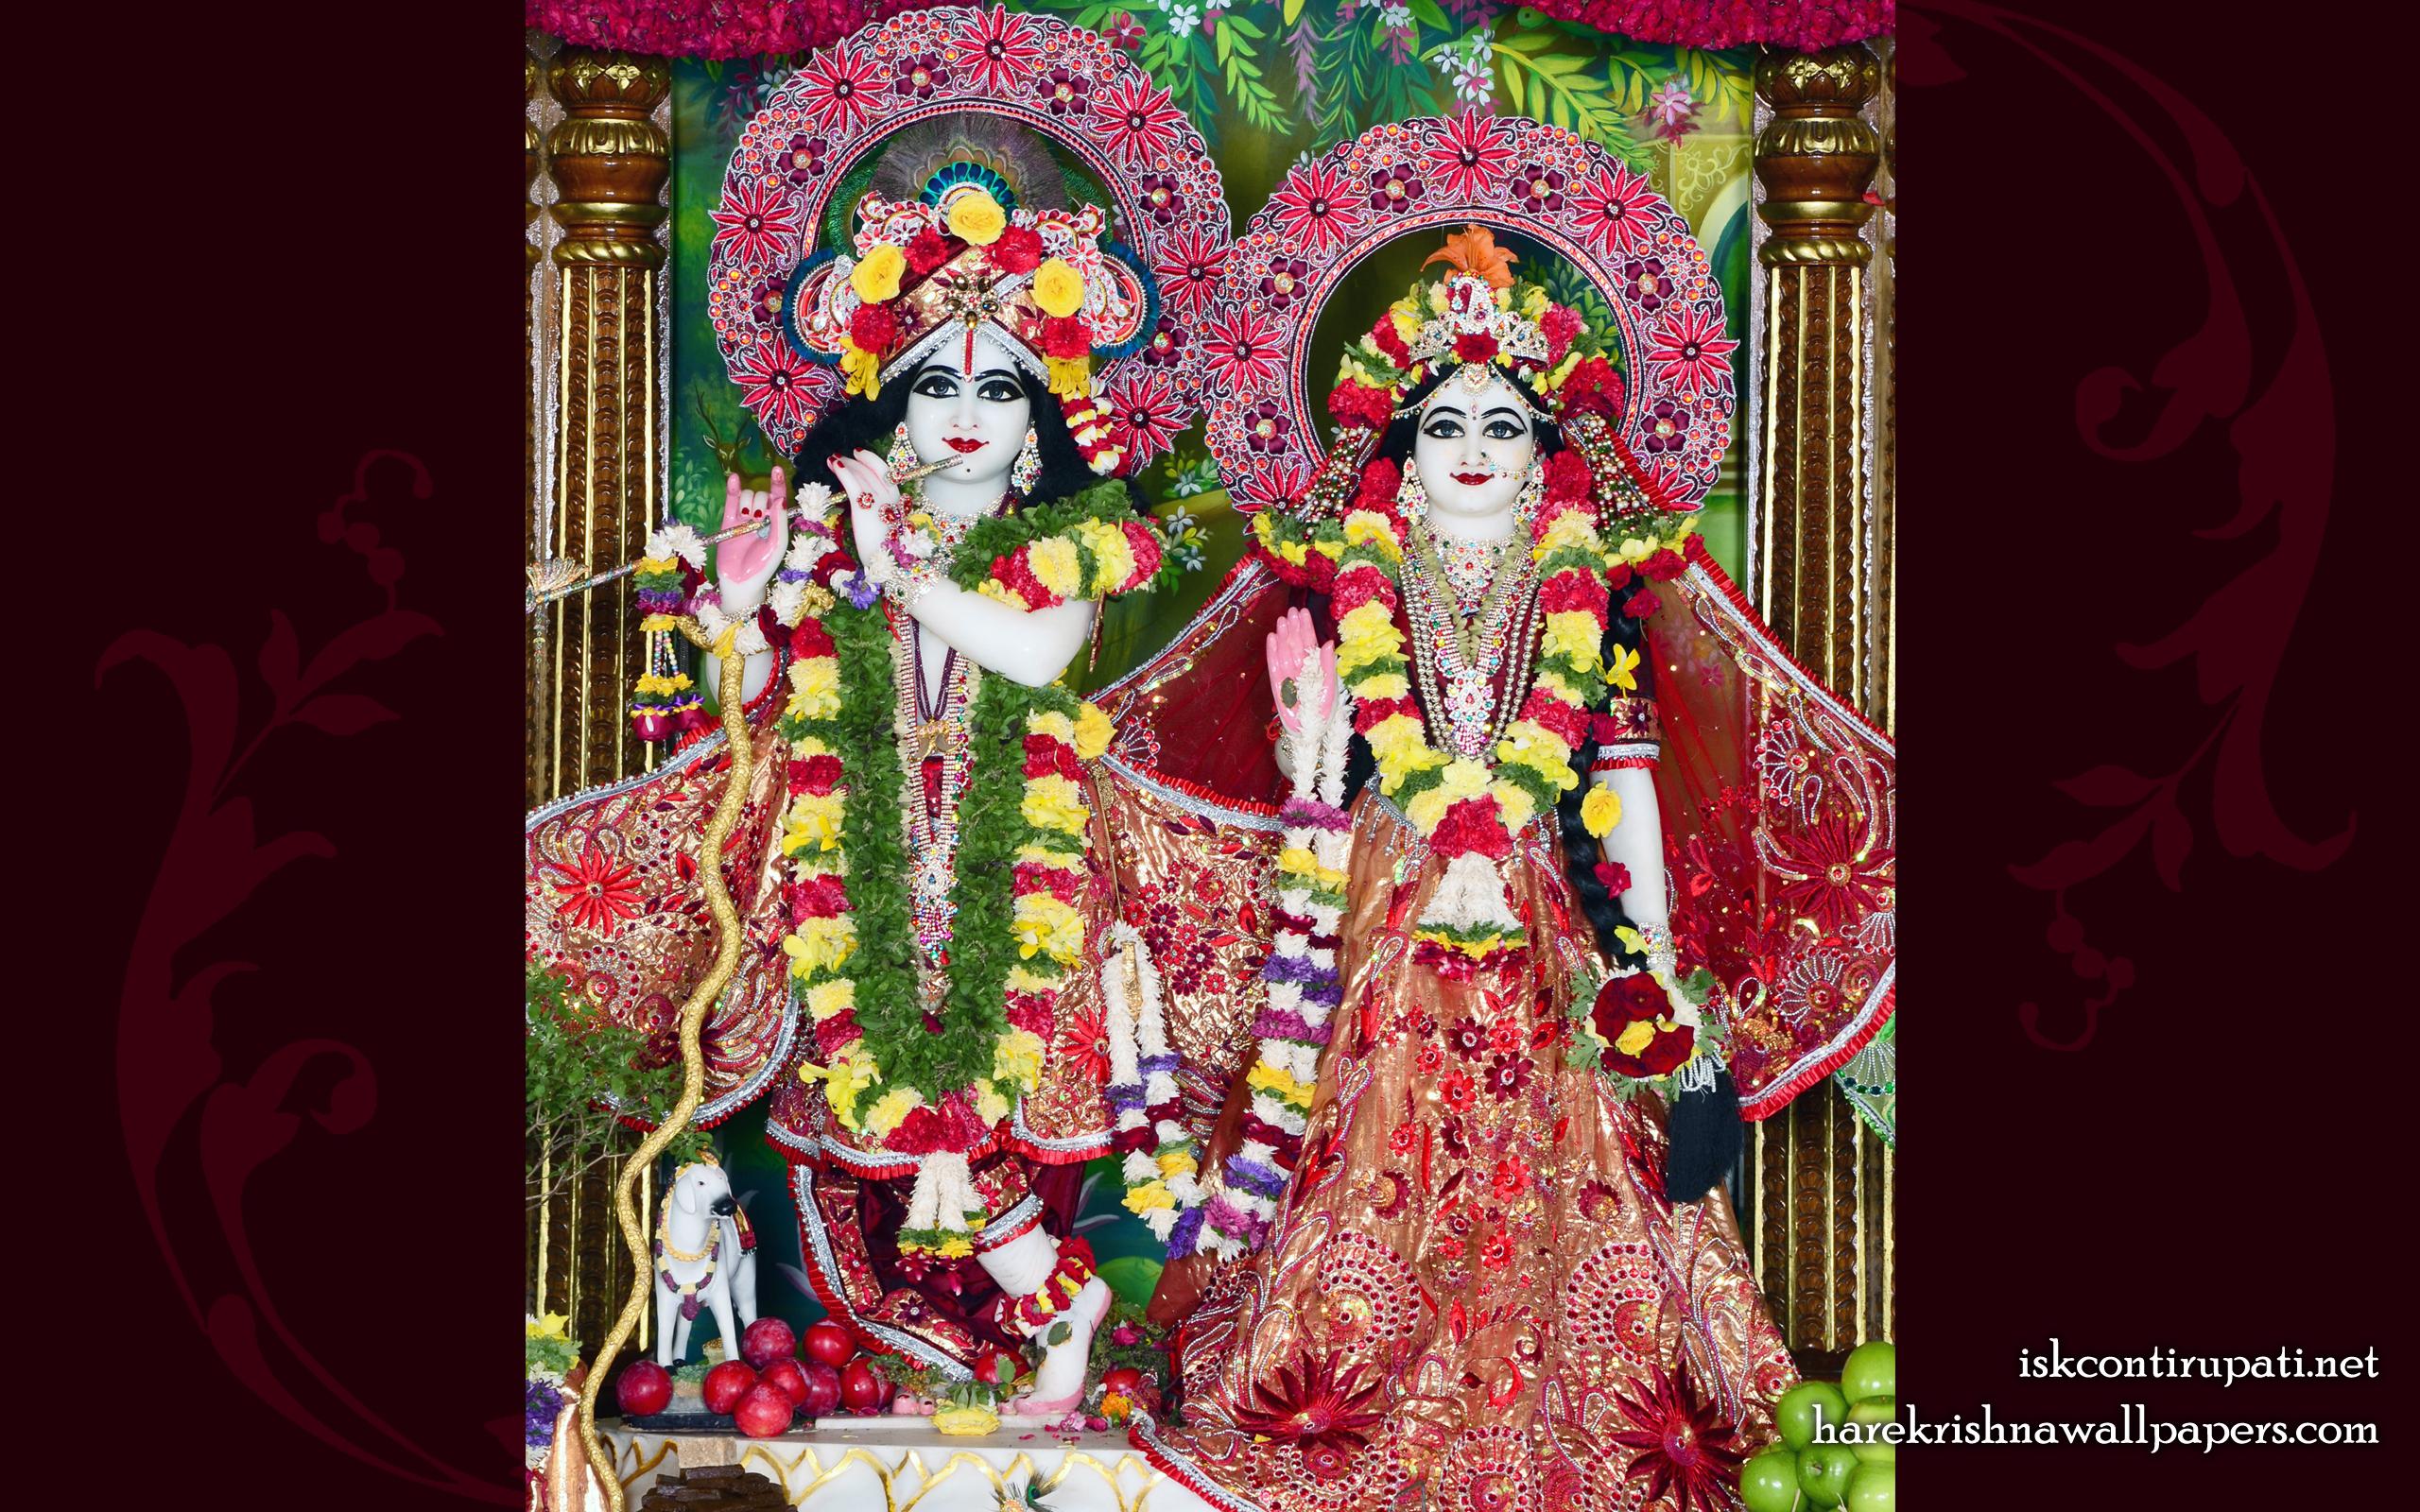 Sri Sri Radha Govinda Wallpaper (010) Size 2560x1600 Download